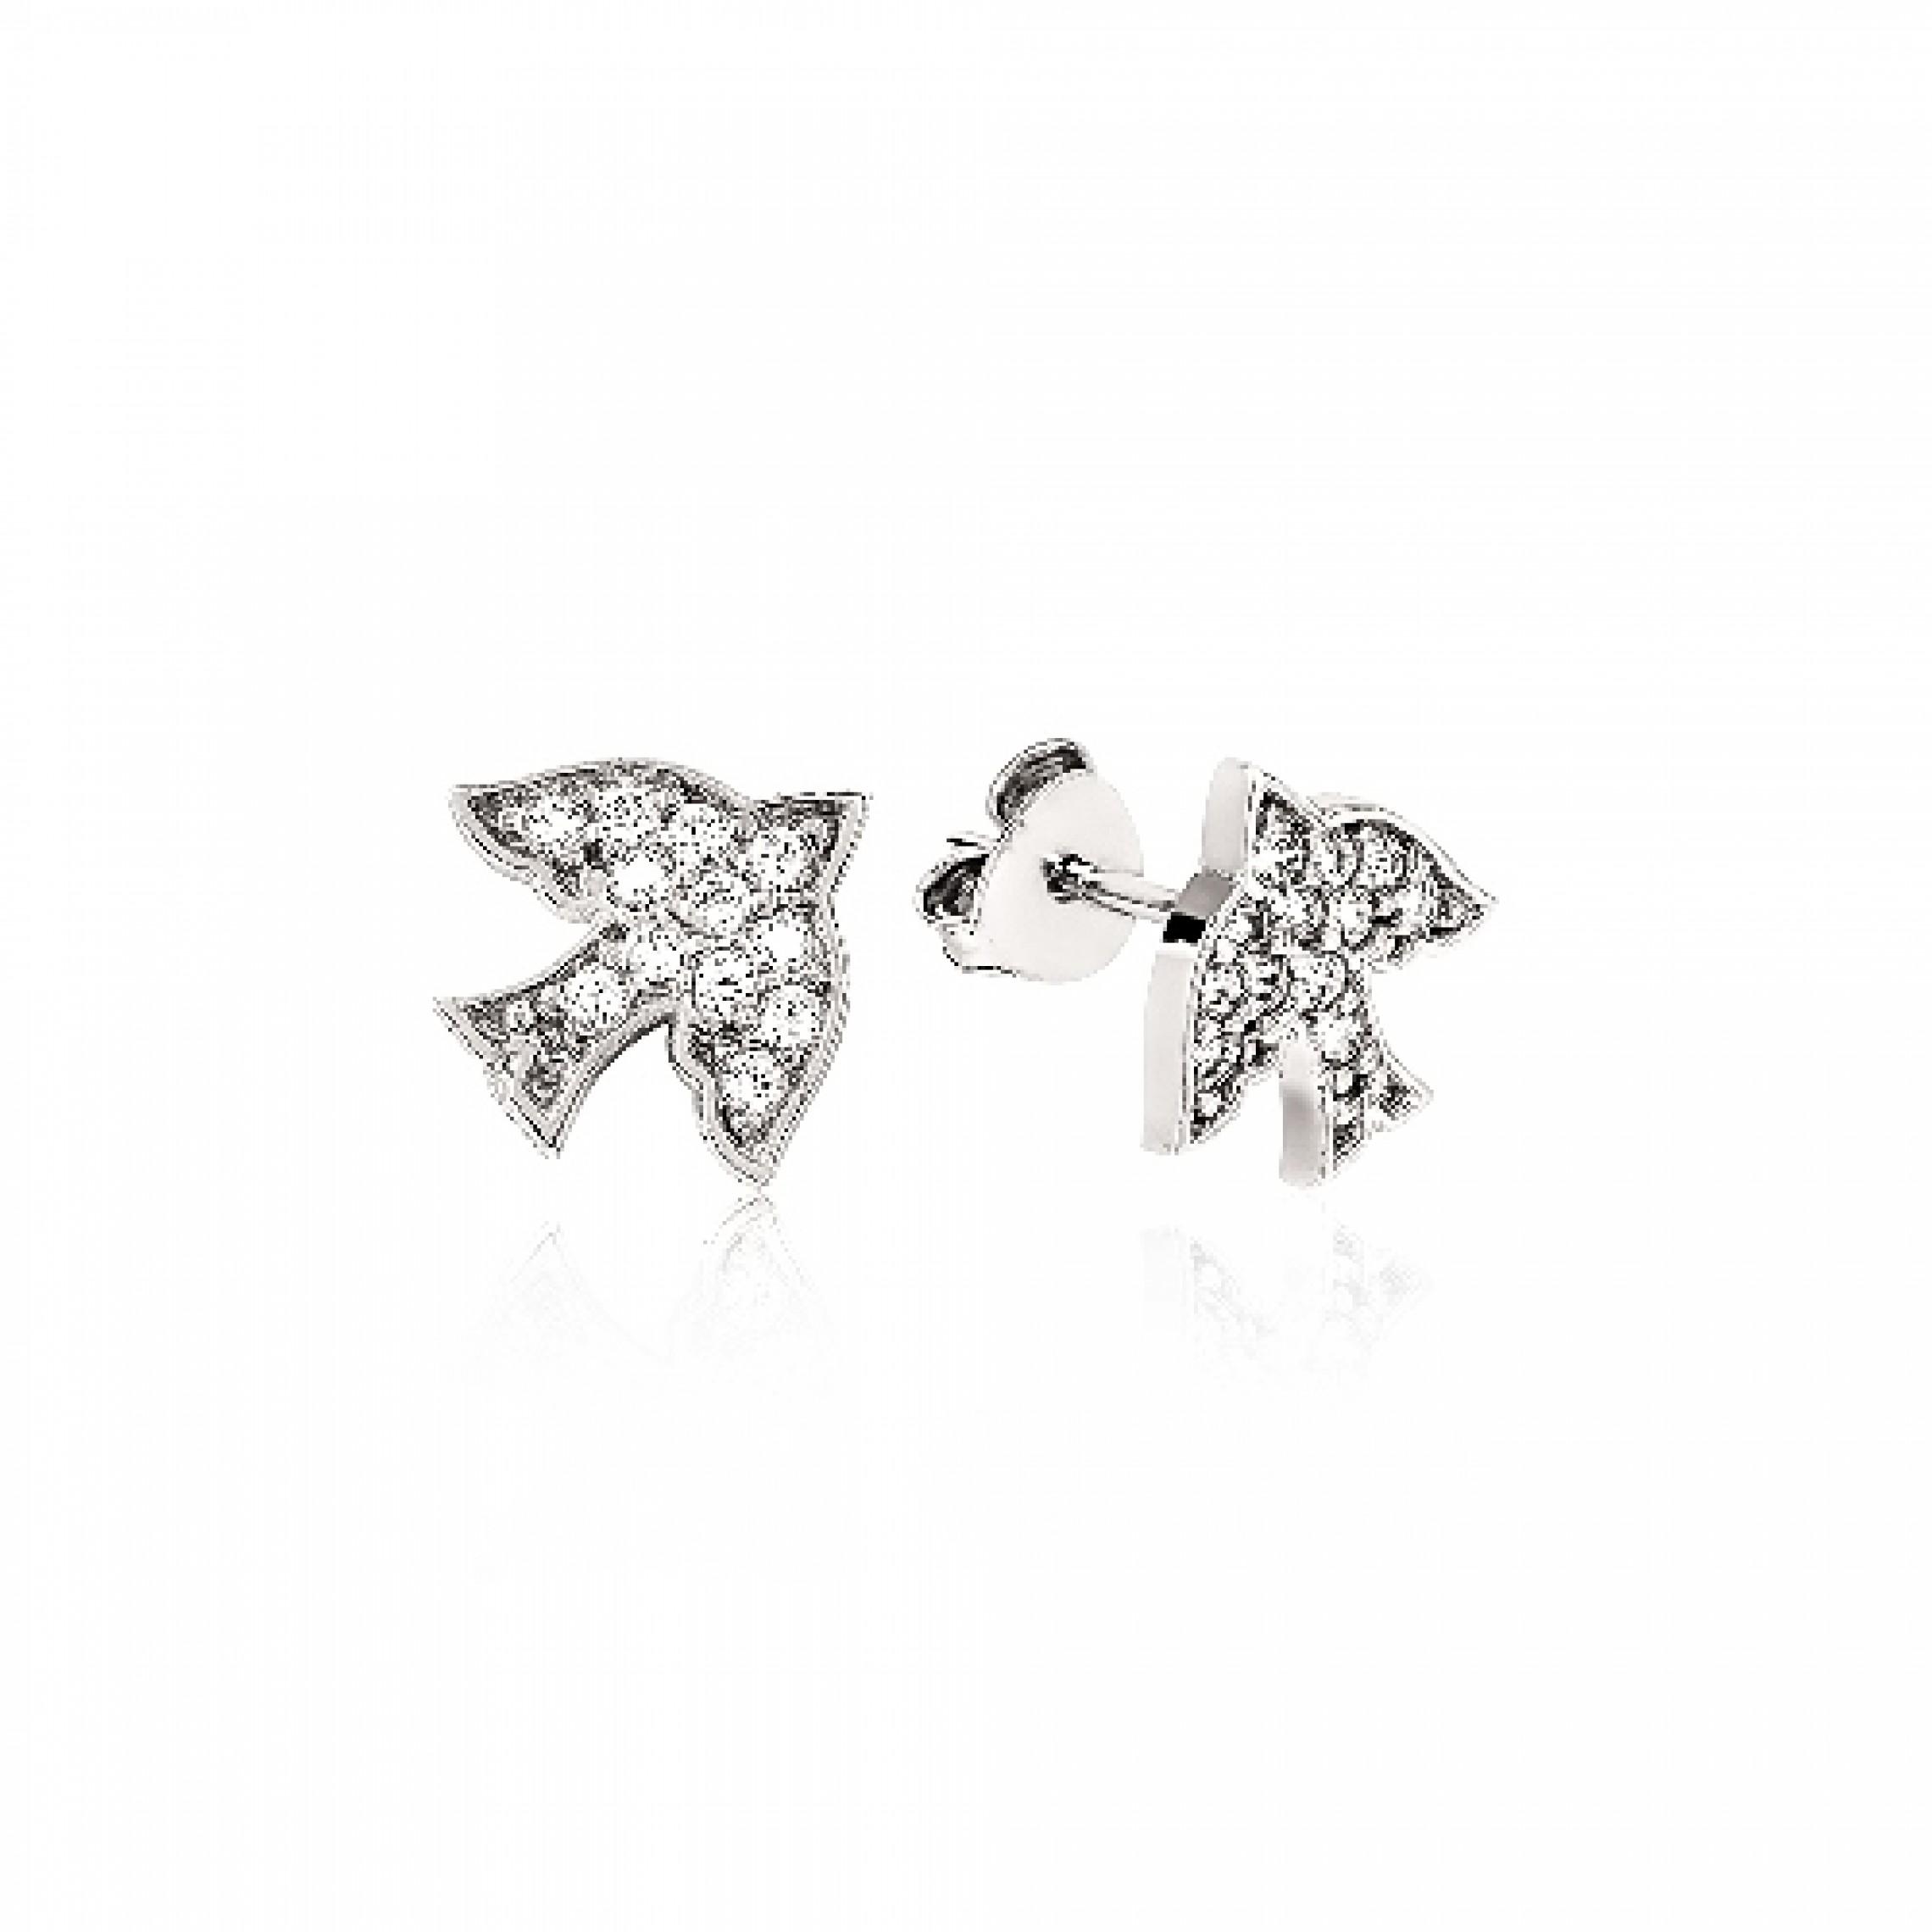 JE-210045 Evil Eye 925 Sterling Silver CZ Earrings